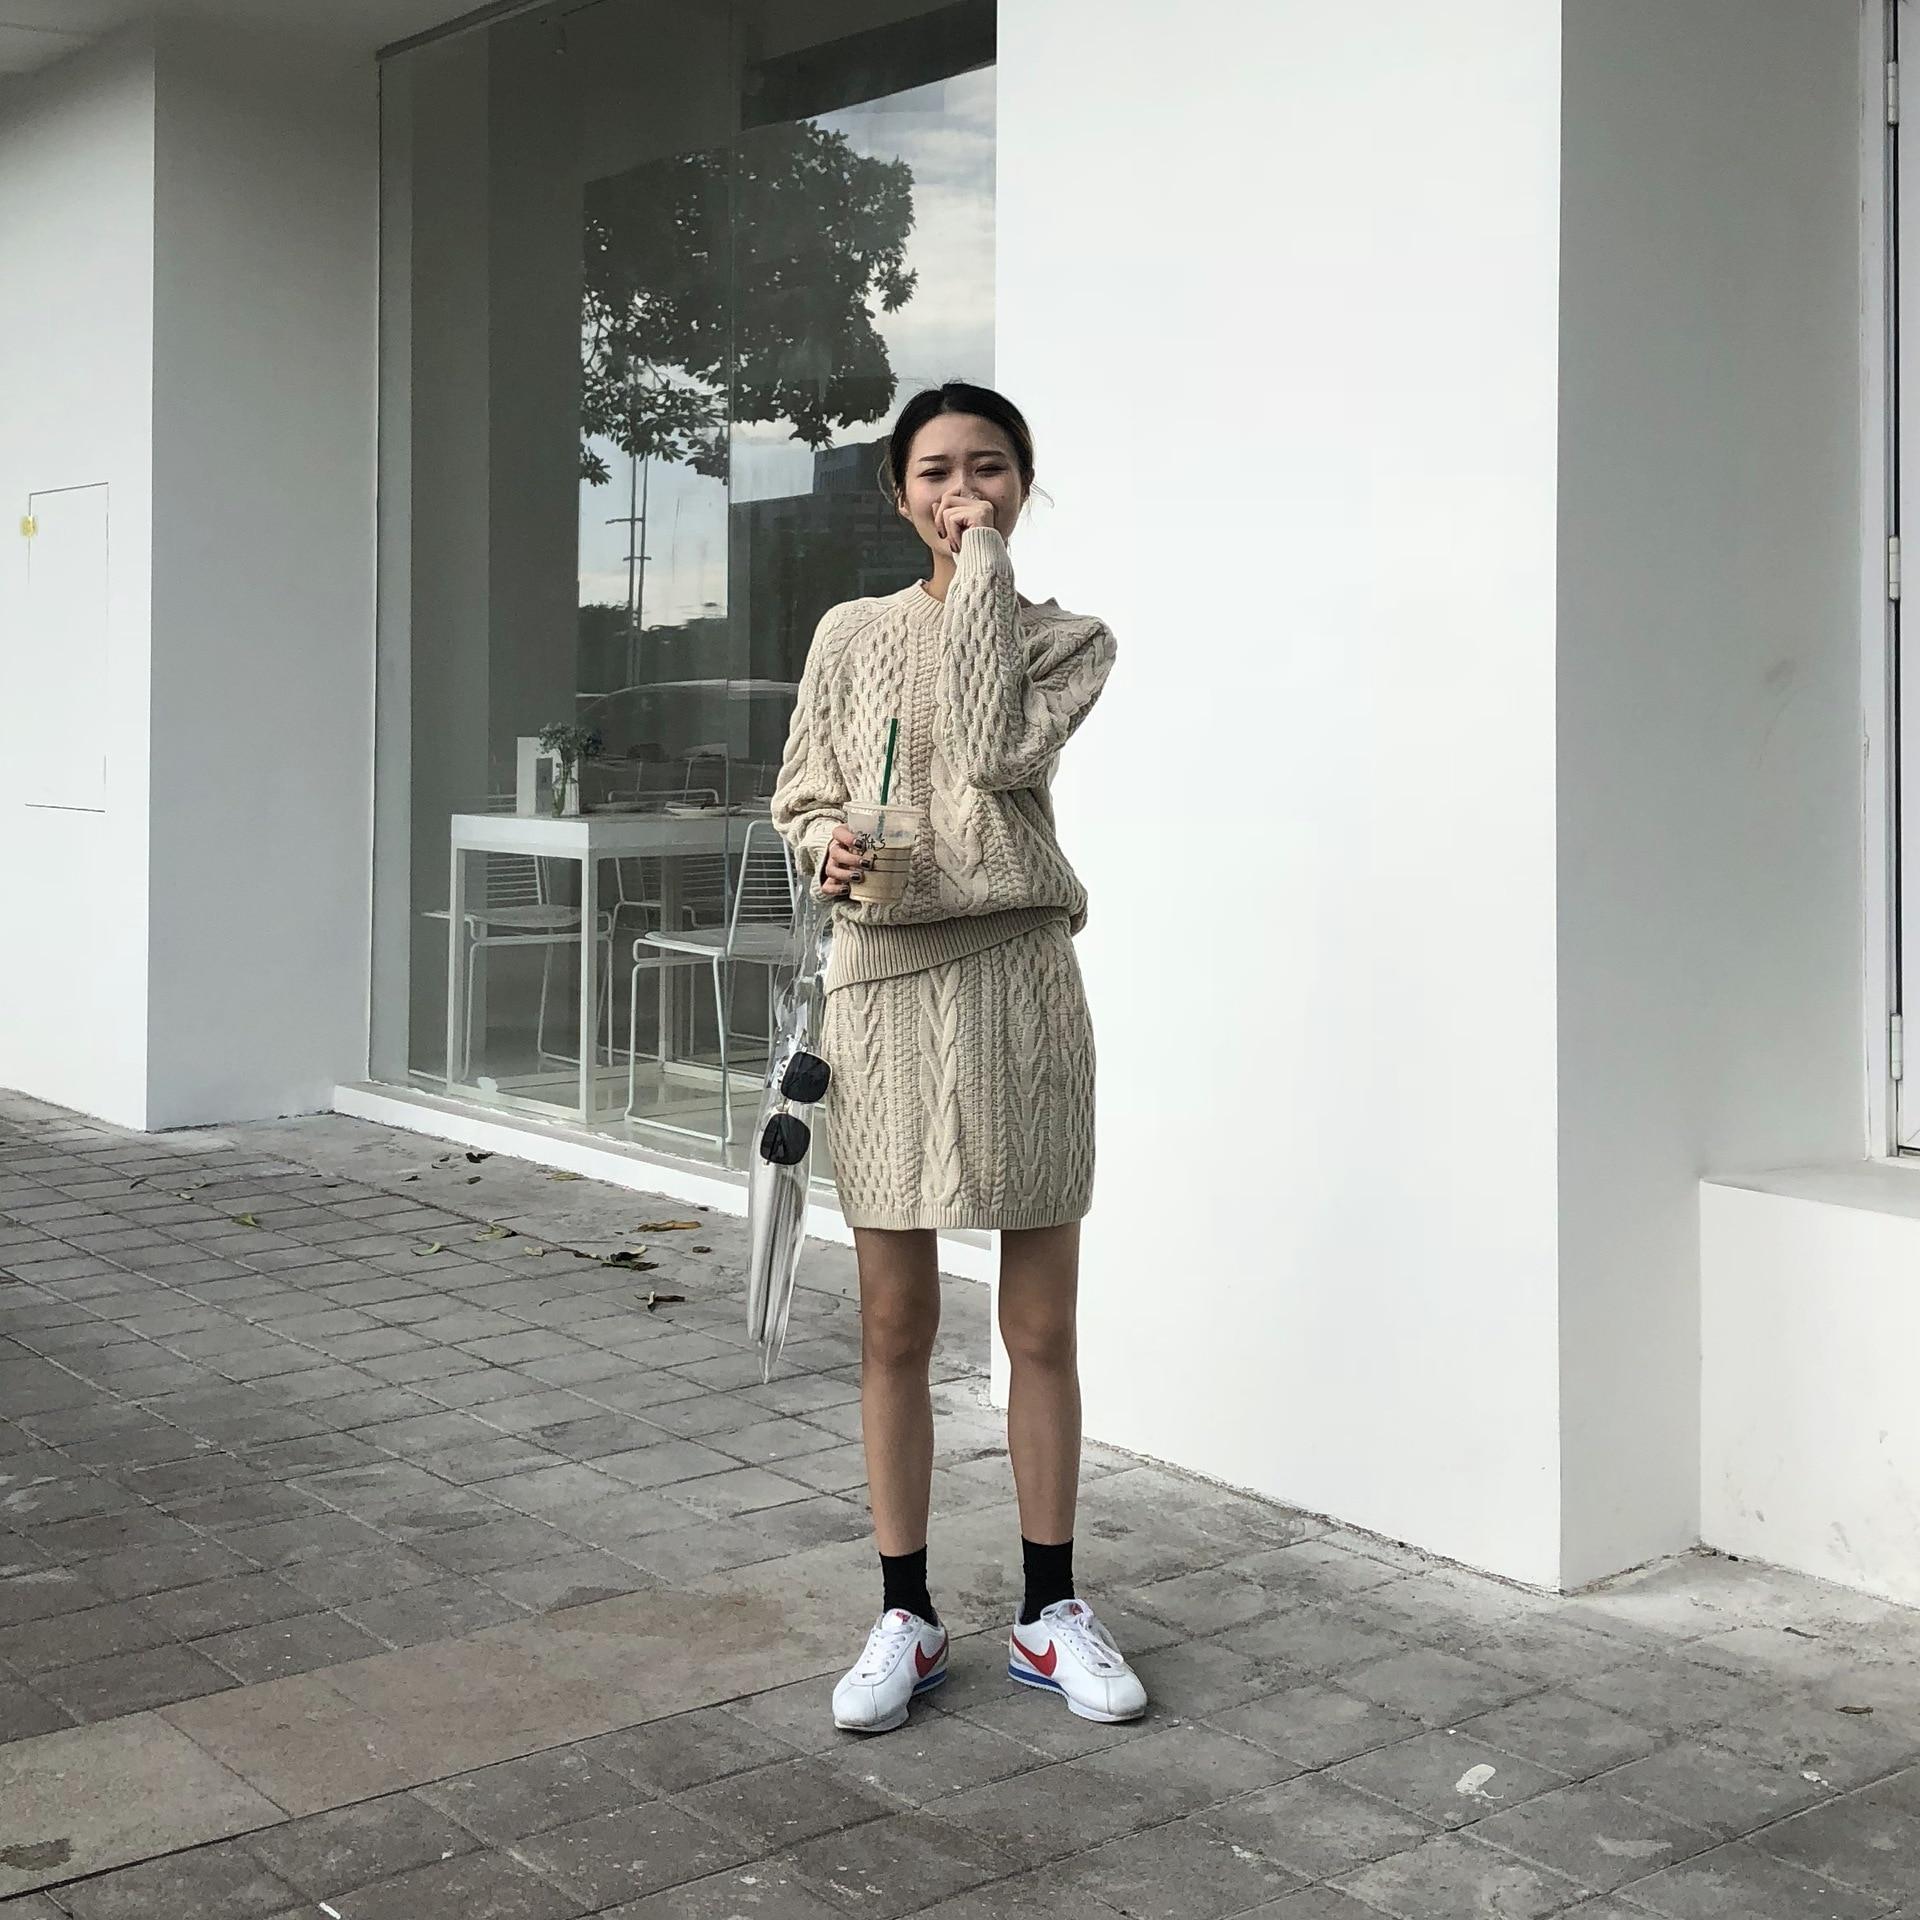 Poncho offre spéciale coton 2018 nouveau femmes tricot costume col rond décontracté à manches longues lâche pull + jupe deux pièces femme - 2